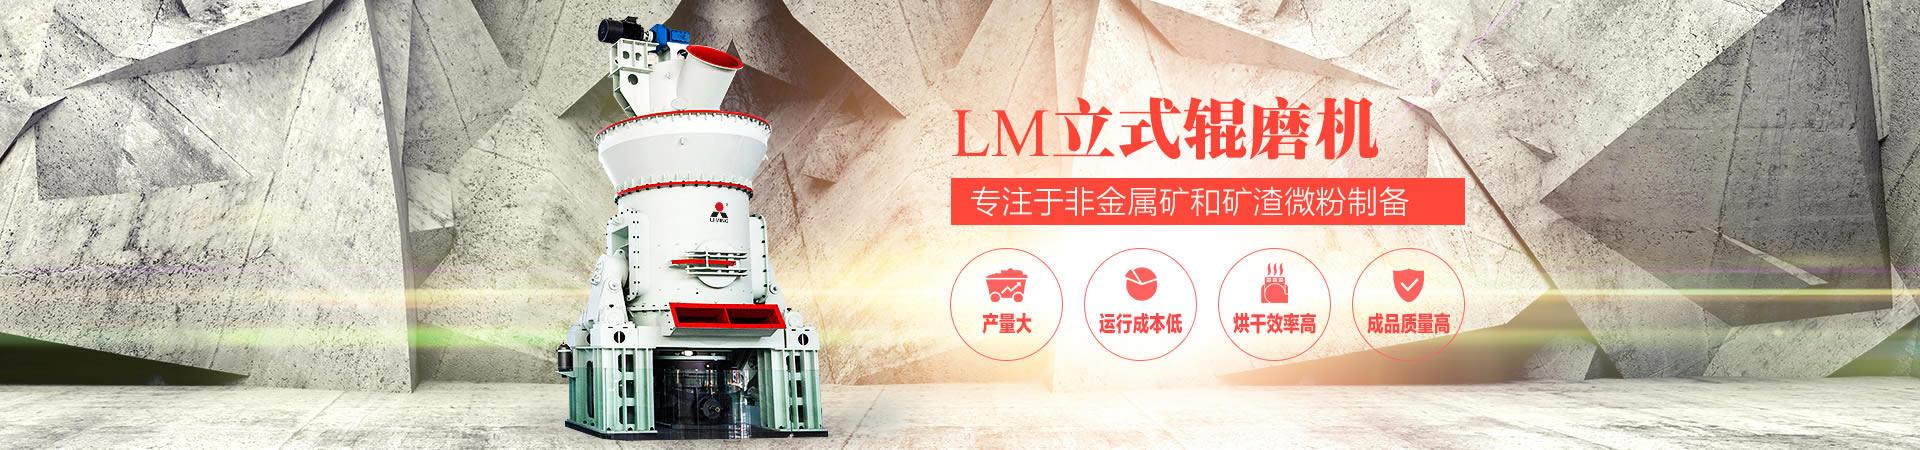 LM立式辊磨机专注于非金属矿和矿渣微粉制备